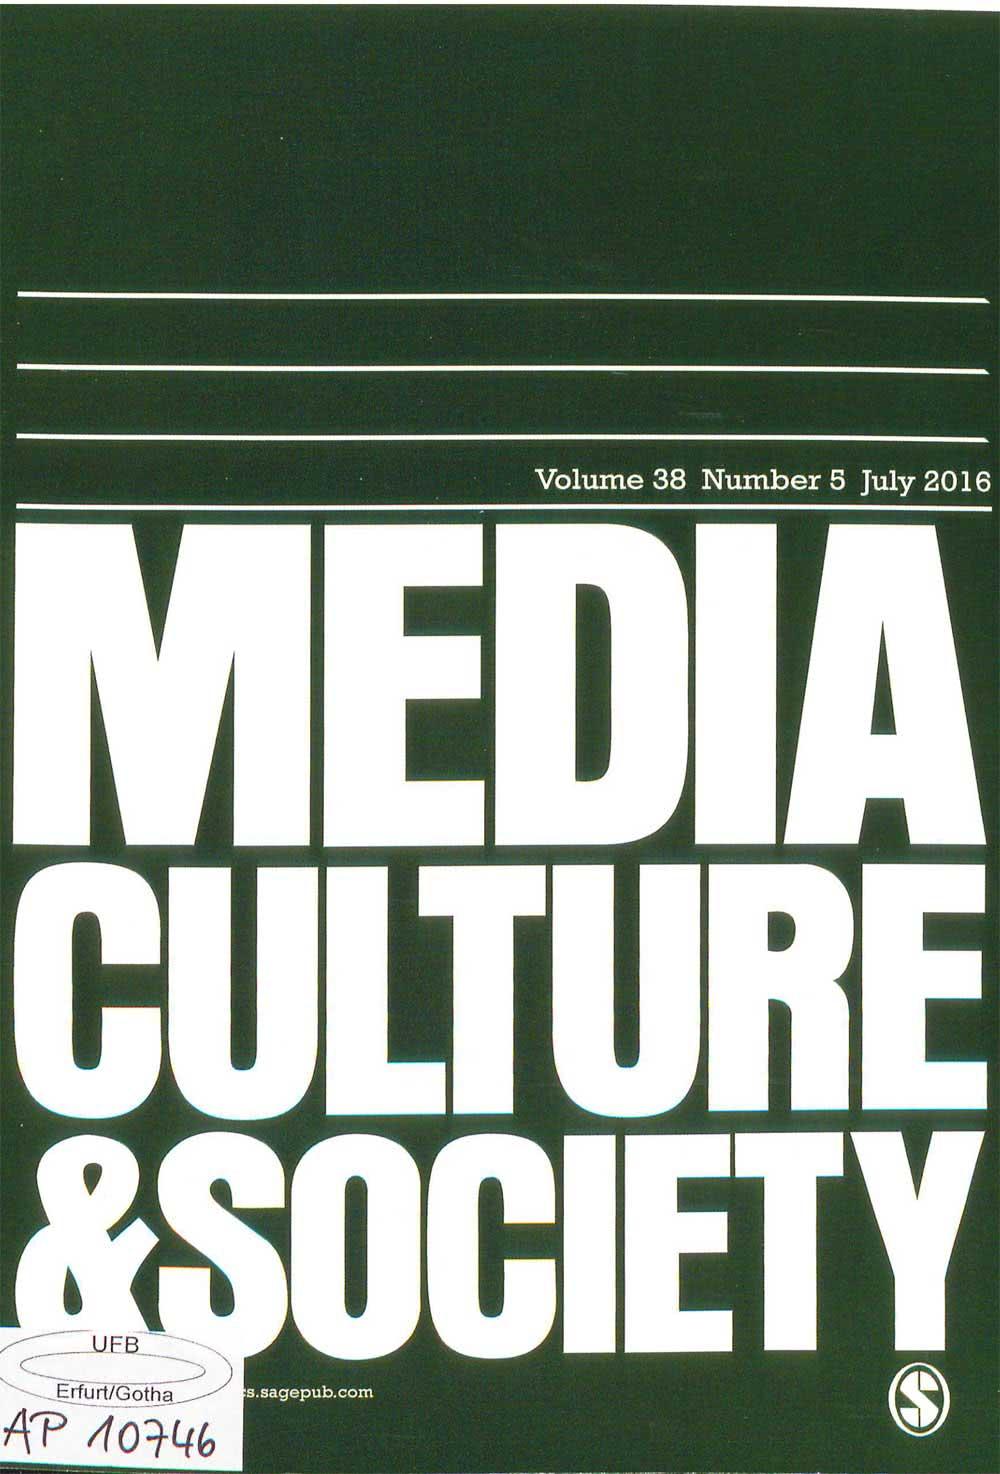 Quellenangabe Journal bzw. Fachzeitschrift